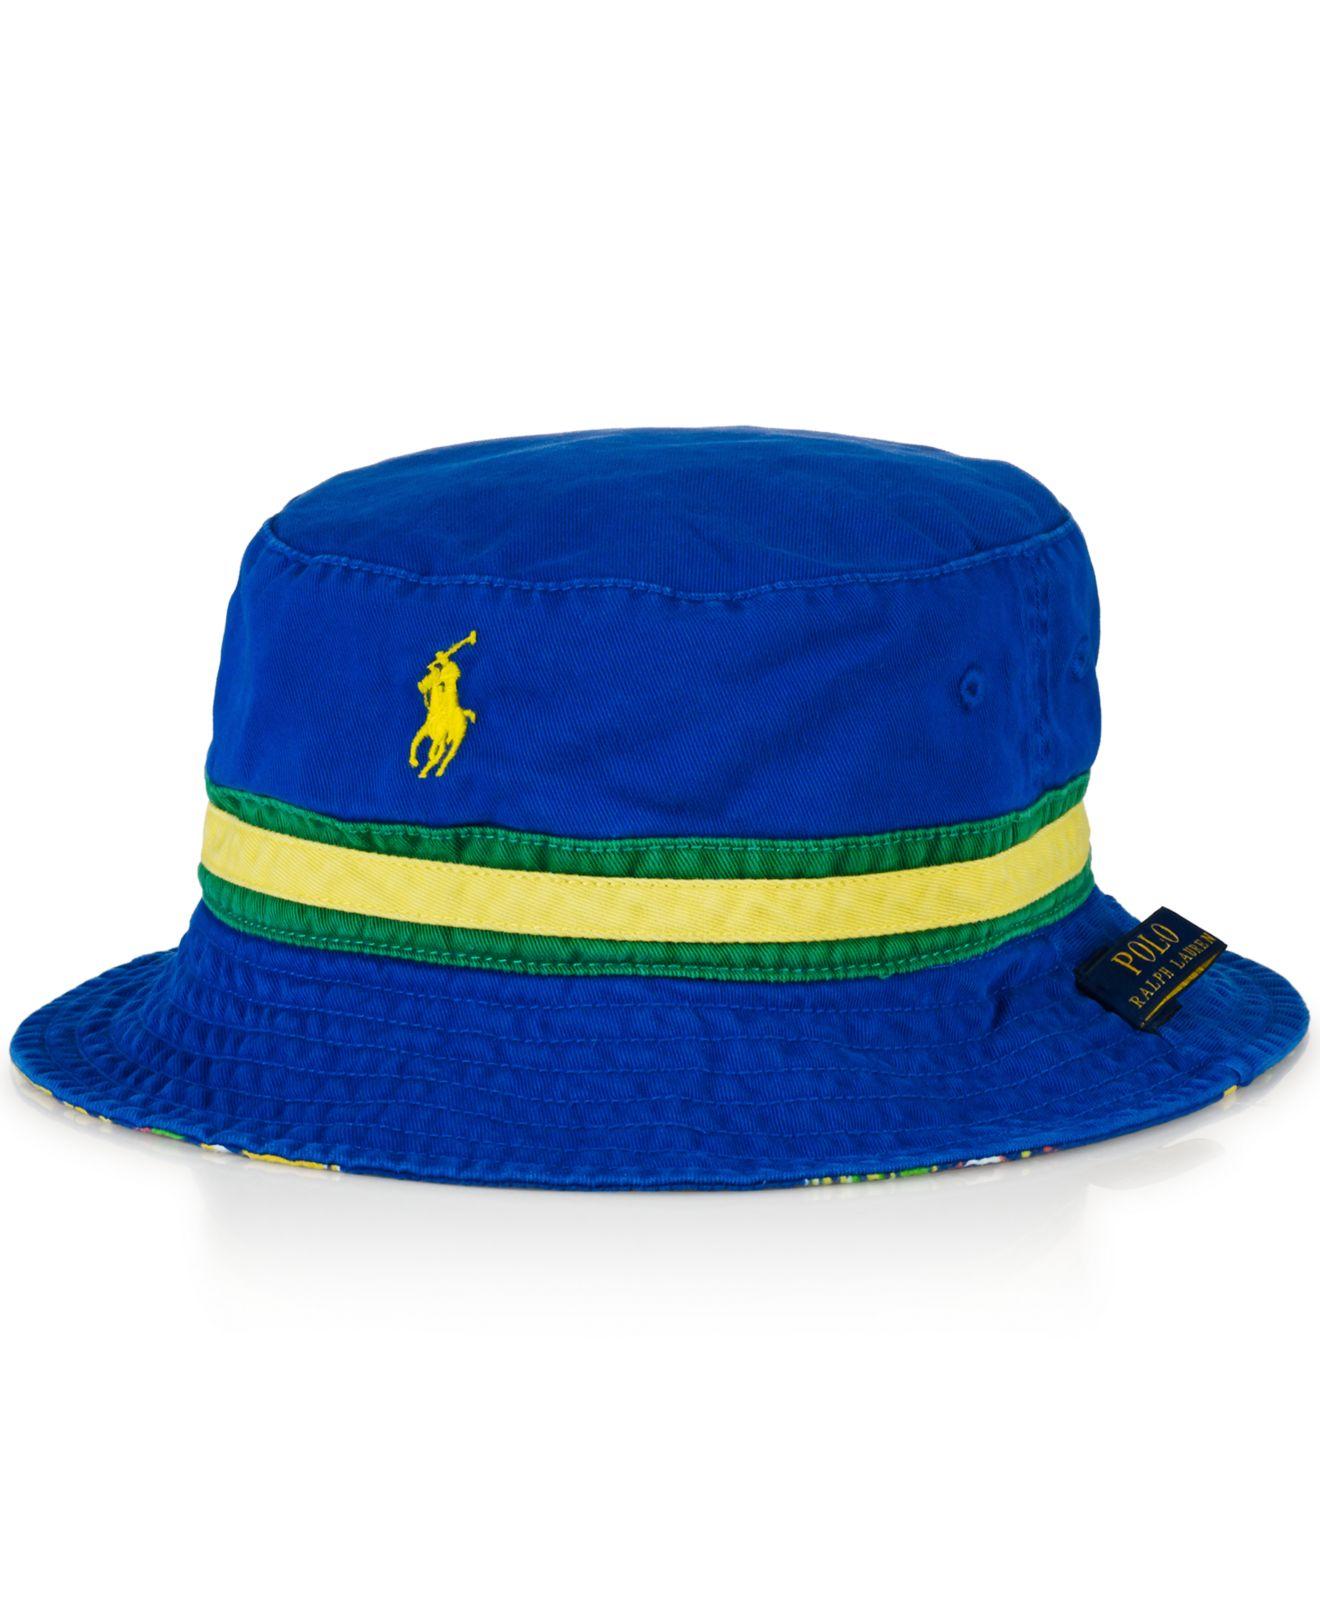 Lyst - Polo Ralph Lauren Reversible Bucket Hat in Blue for Men c56556087df